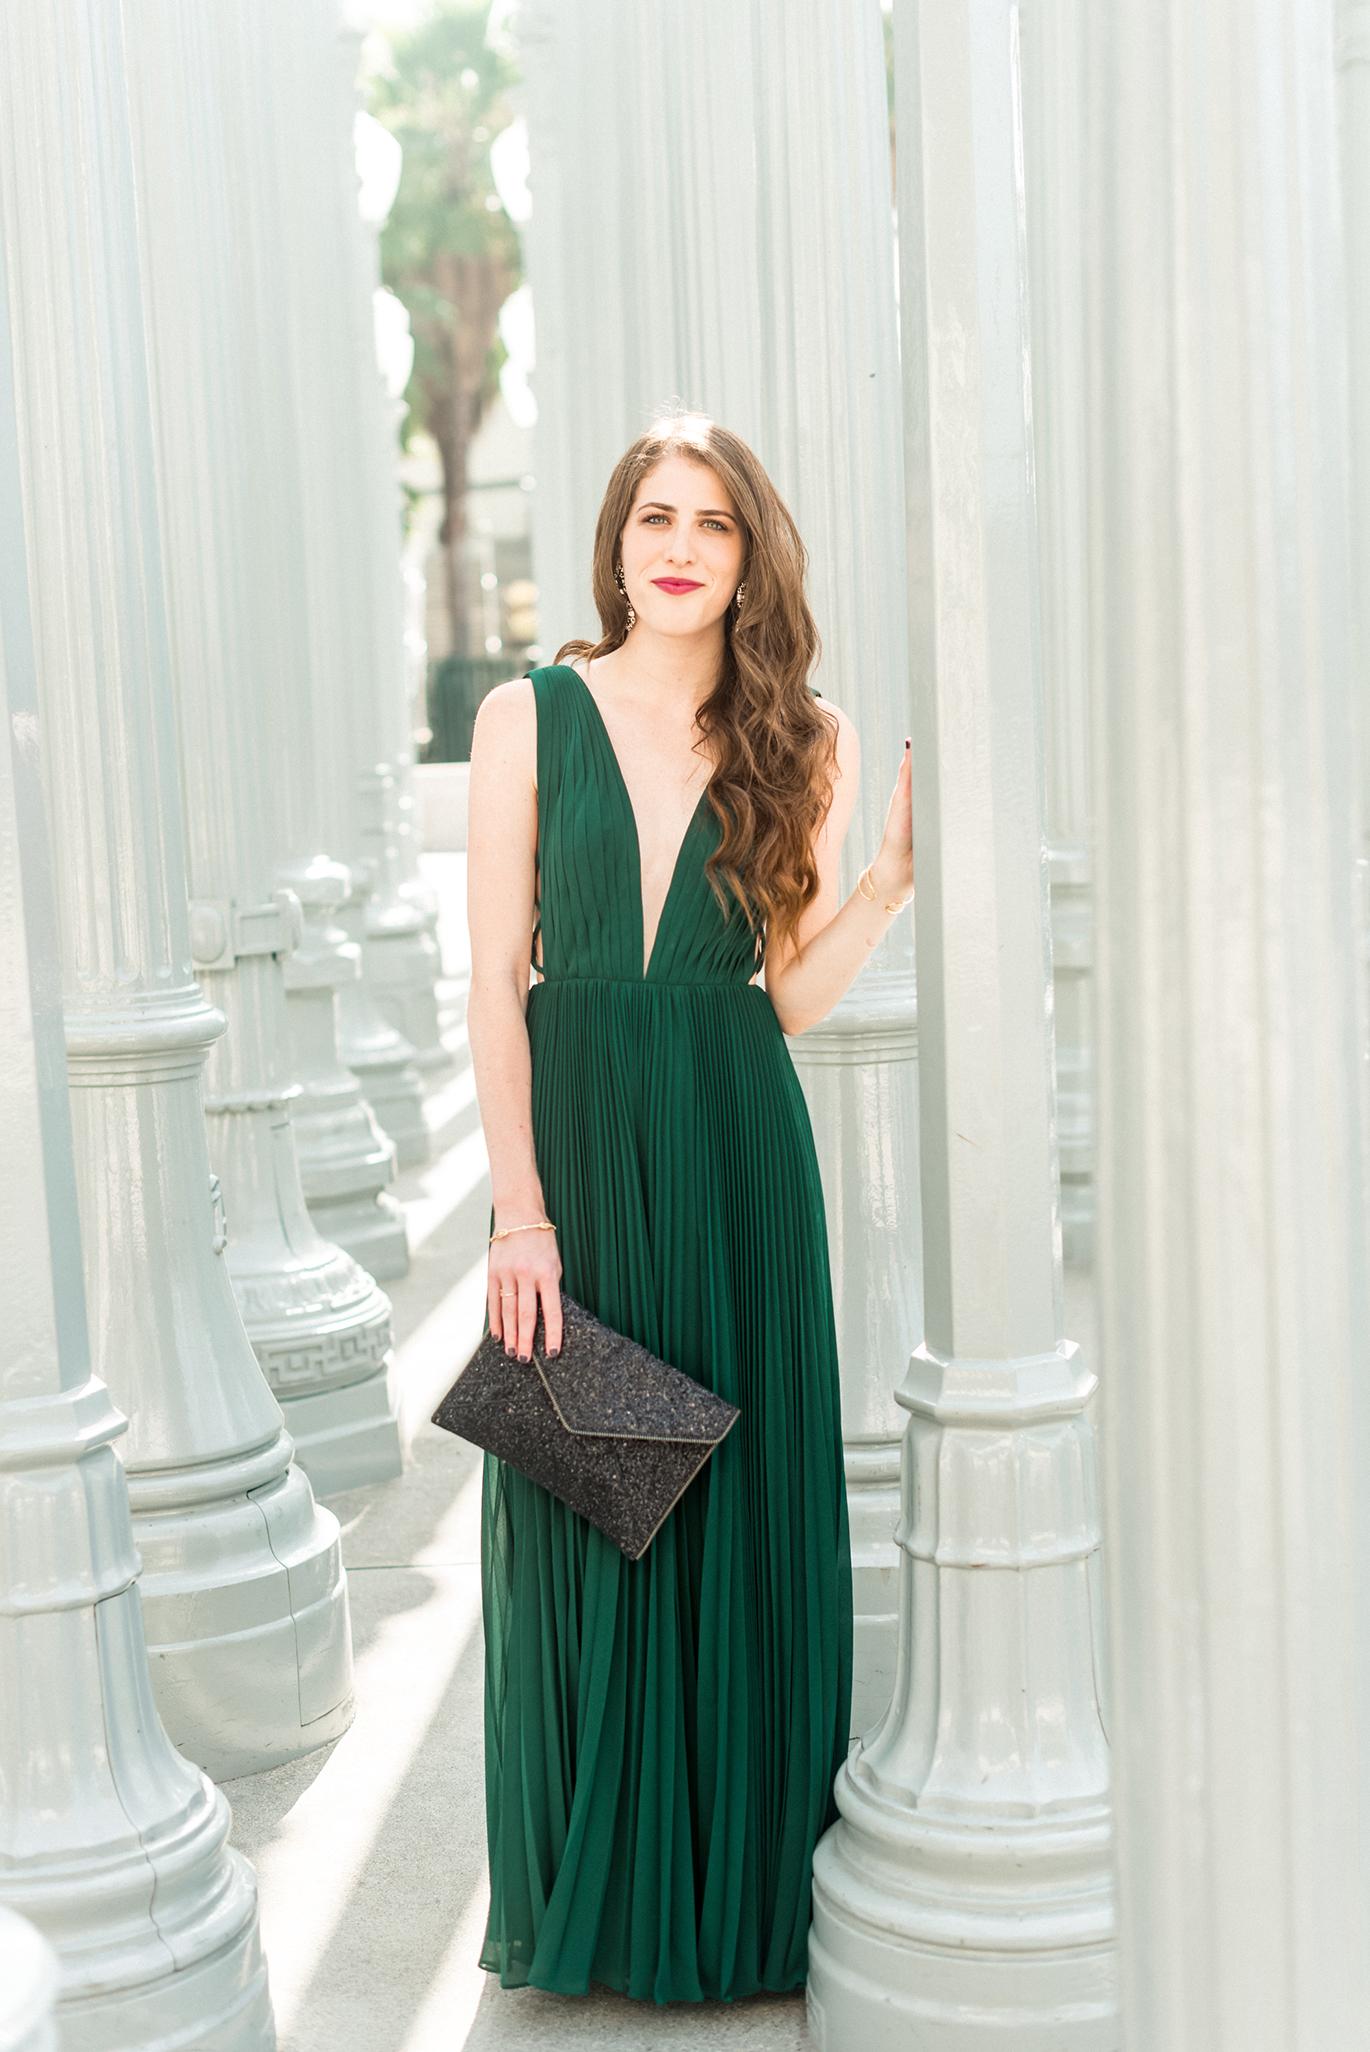 Long emerald green dress